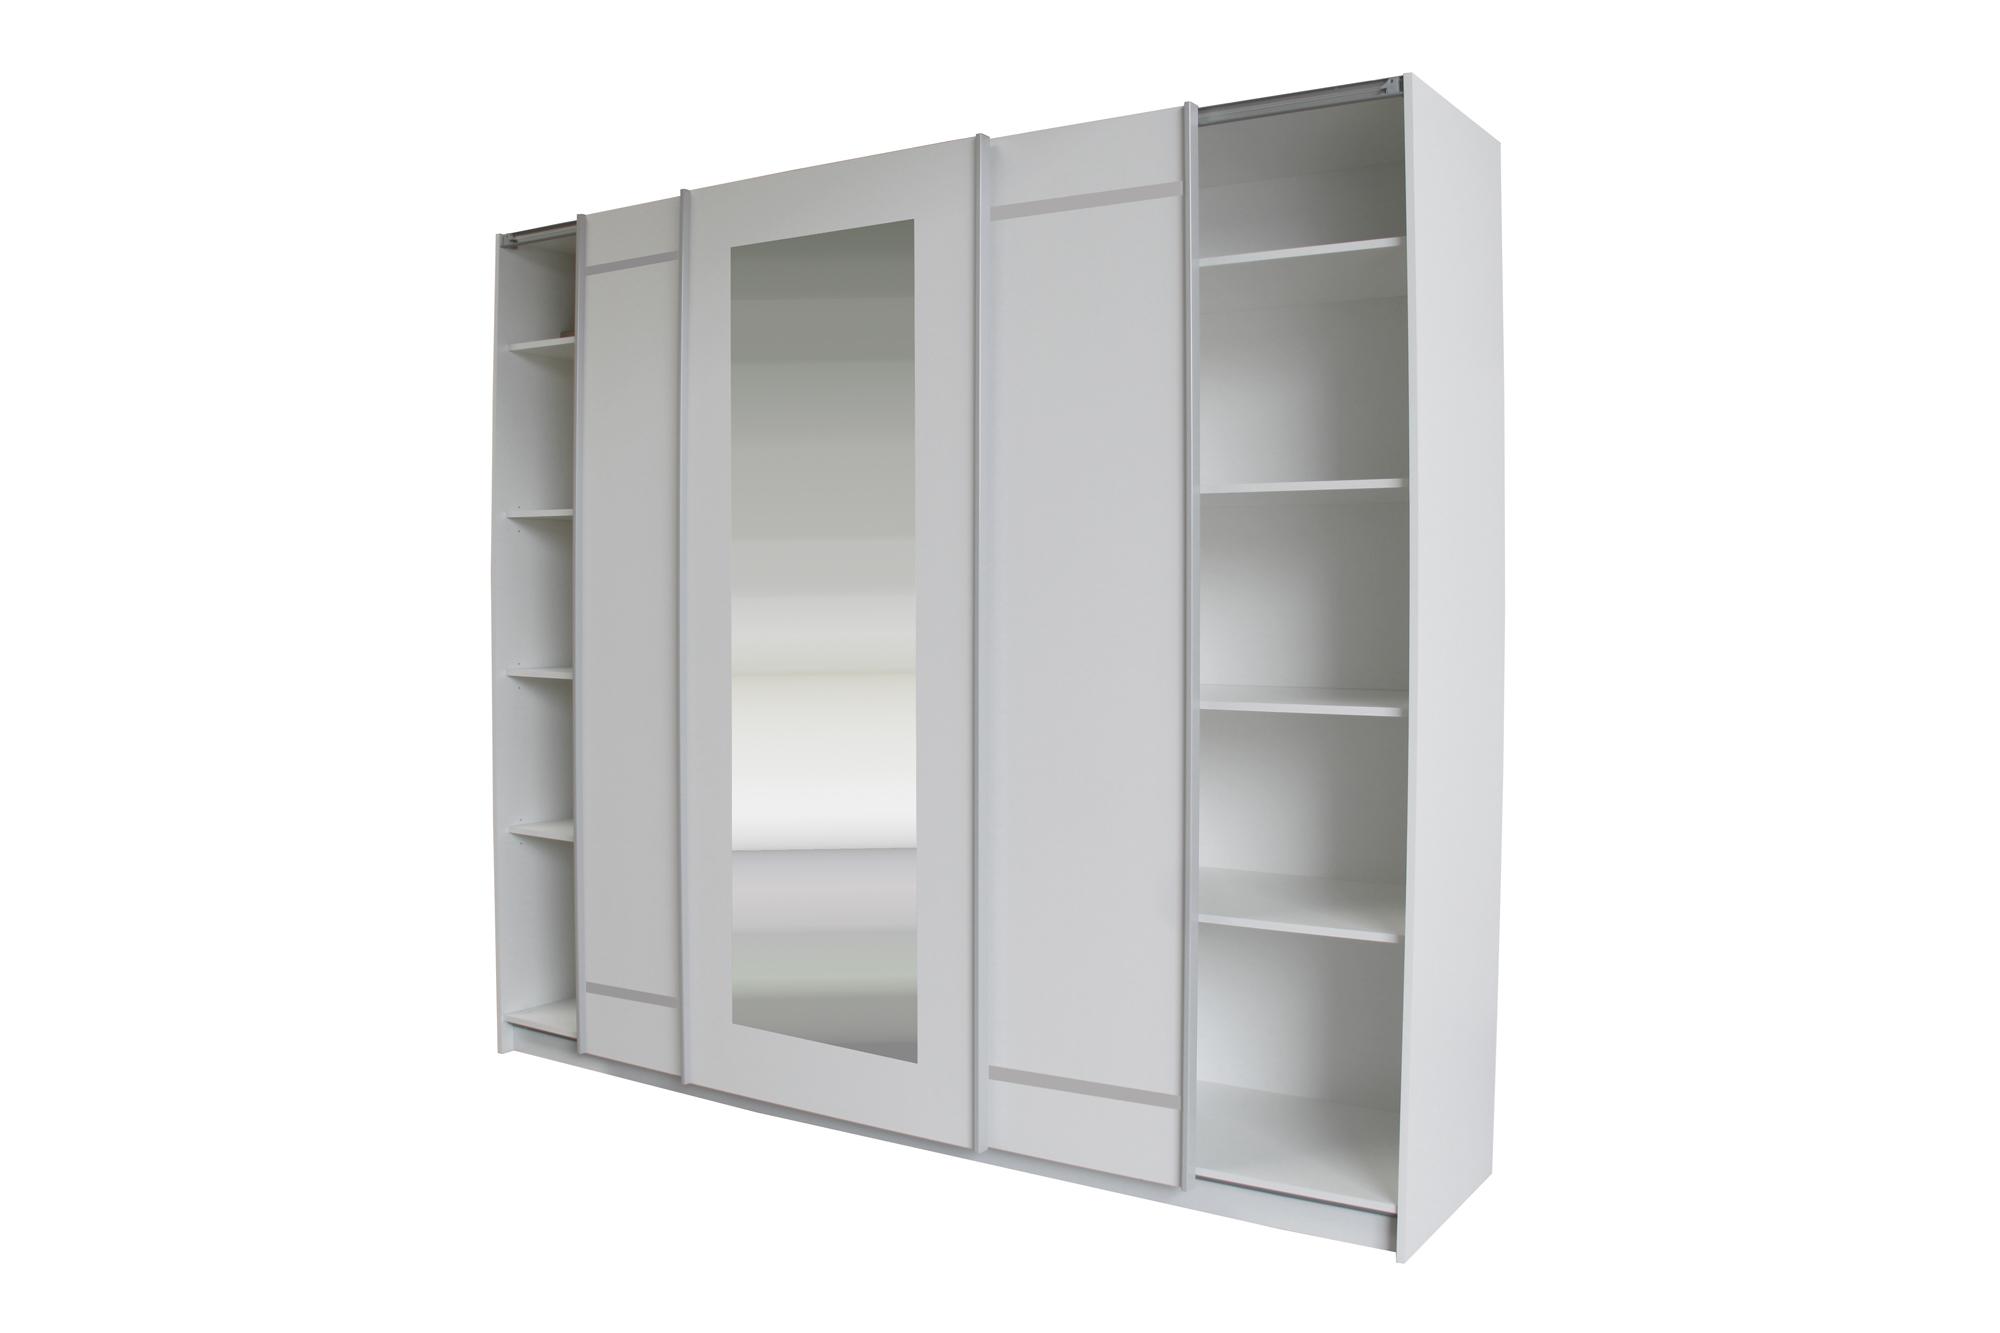 schwebet renschrank mit spiegel 150 200 250 schlafzimmerschrank kleiderschrank ebay. Black Bedroom Furniture Sets. Home Design Ideas